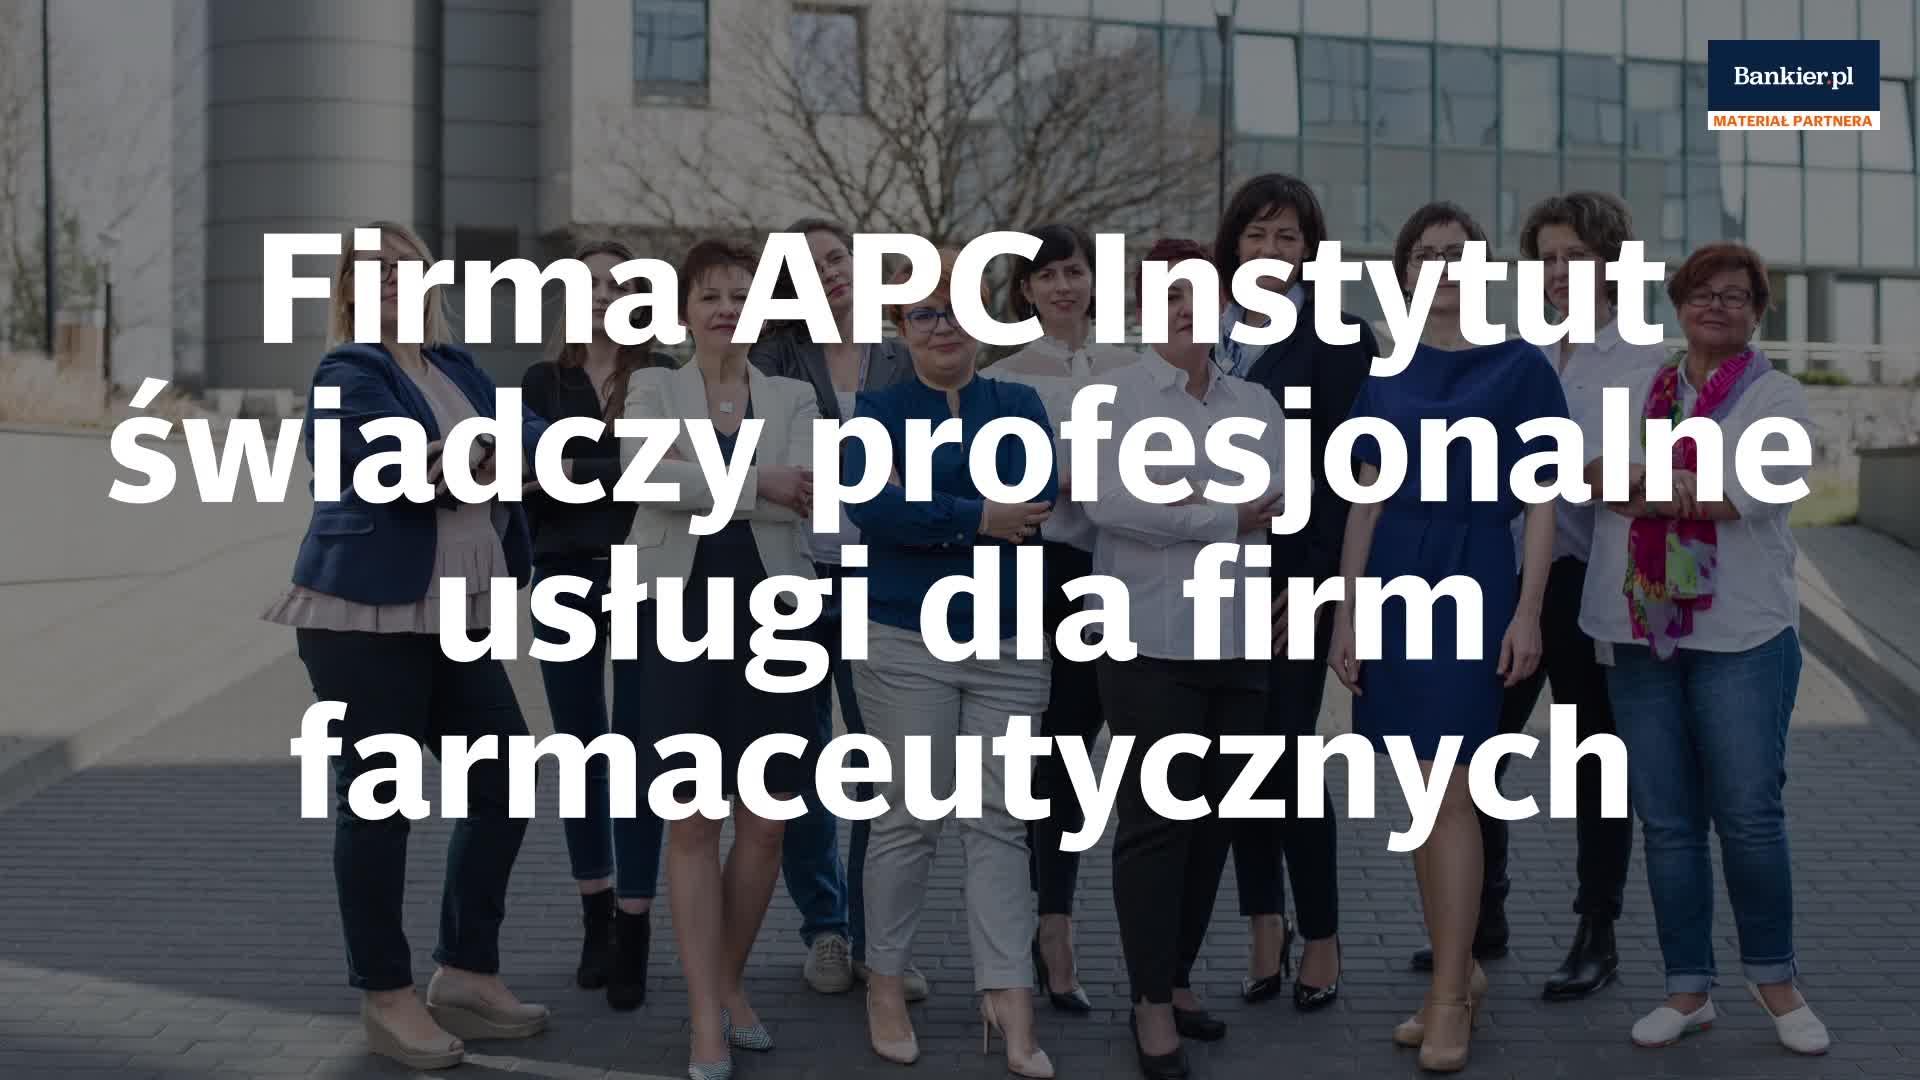 APC Instytut - profesjonalne wsparcie dla firm farmaceutycznych